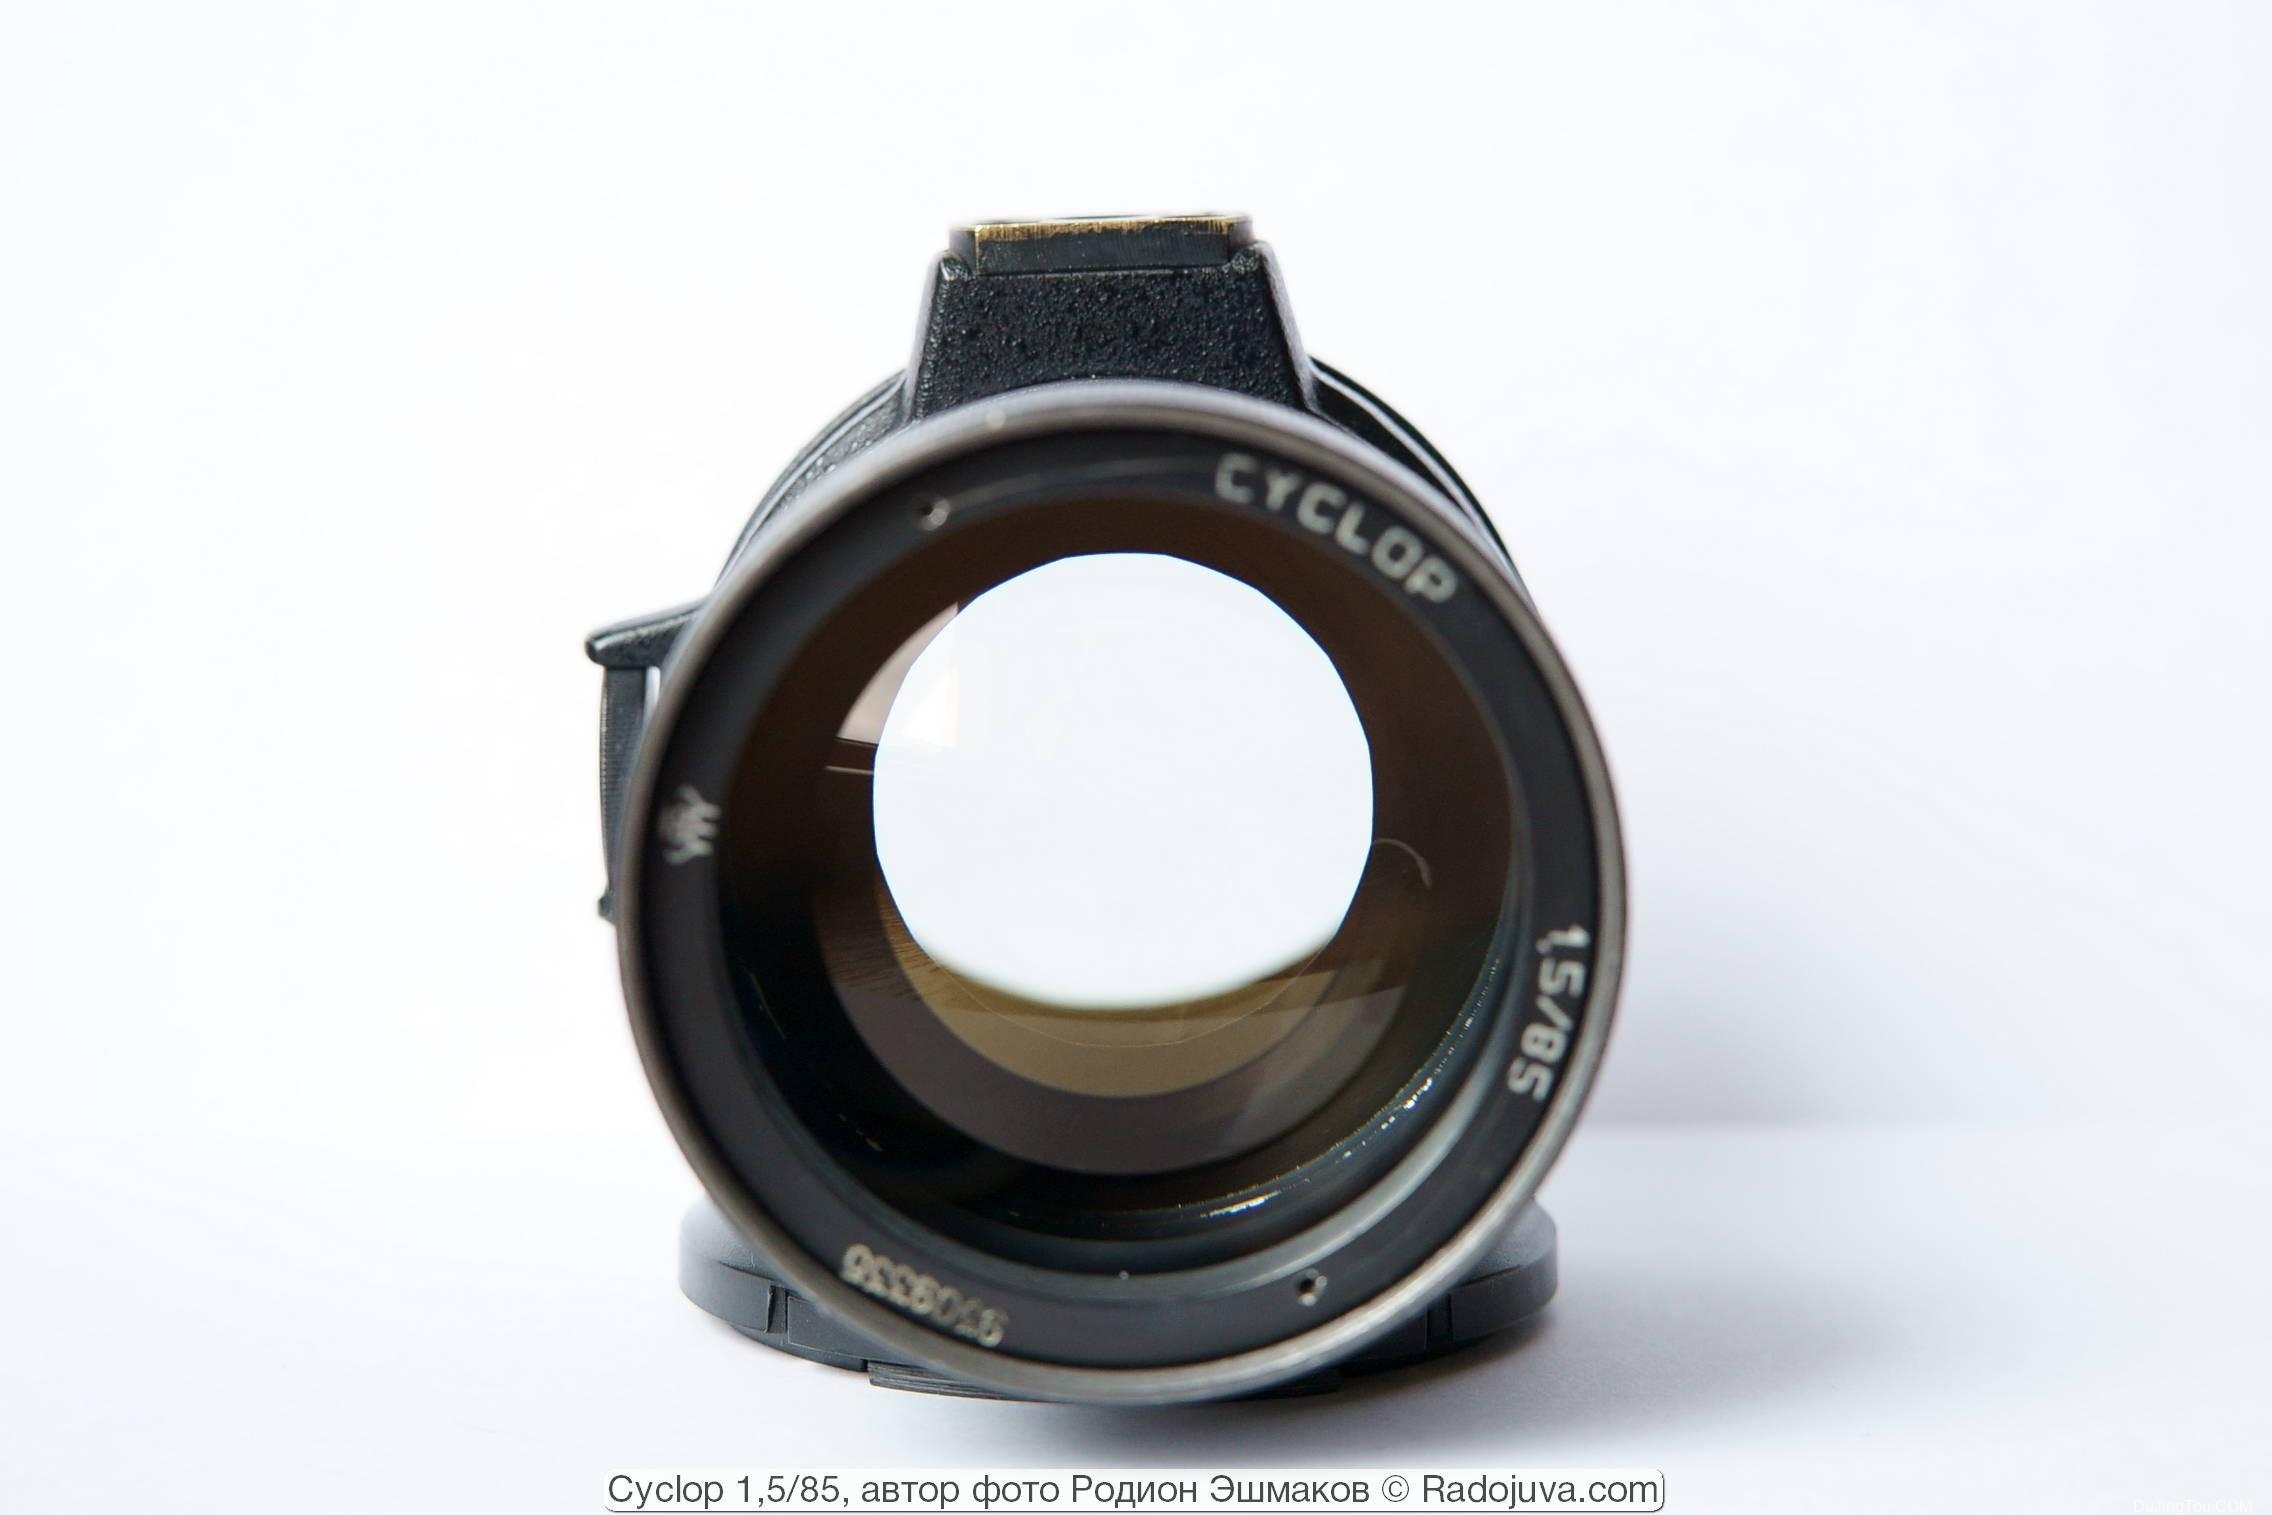 苏联镜头:Cyclop 1,5 / 85 (ROMZ)夜视镜头资料及样片 - Helios-40-2 的技术版本